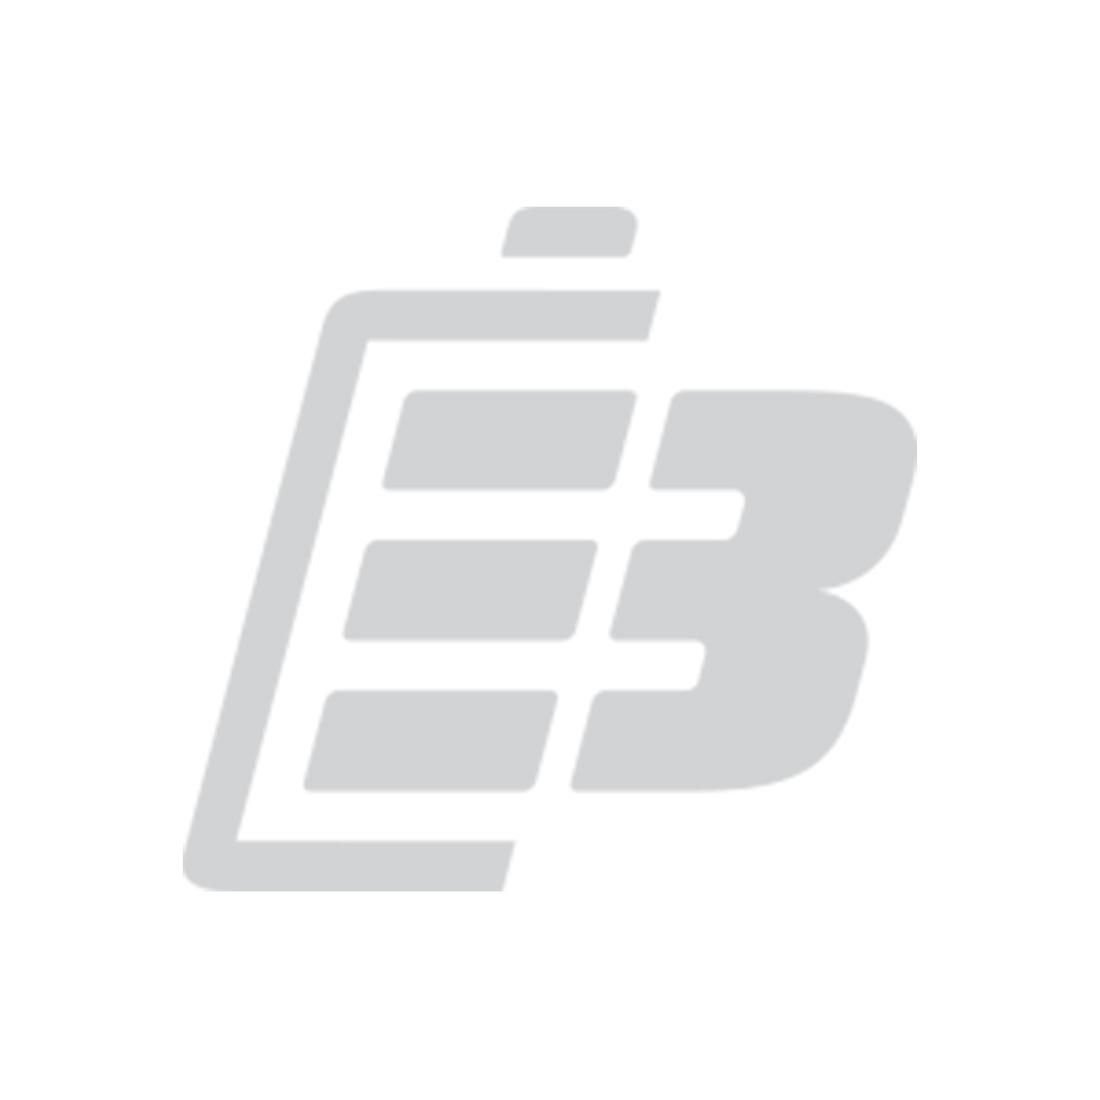 Μπαταρία ηλεκτρικού κολάρου σκύλου Dogtra Transmitter 1900NCP_1